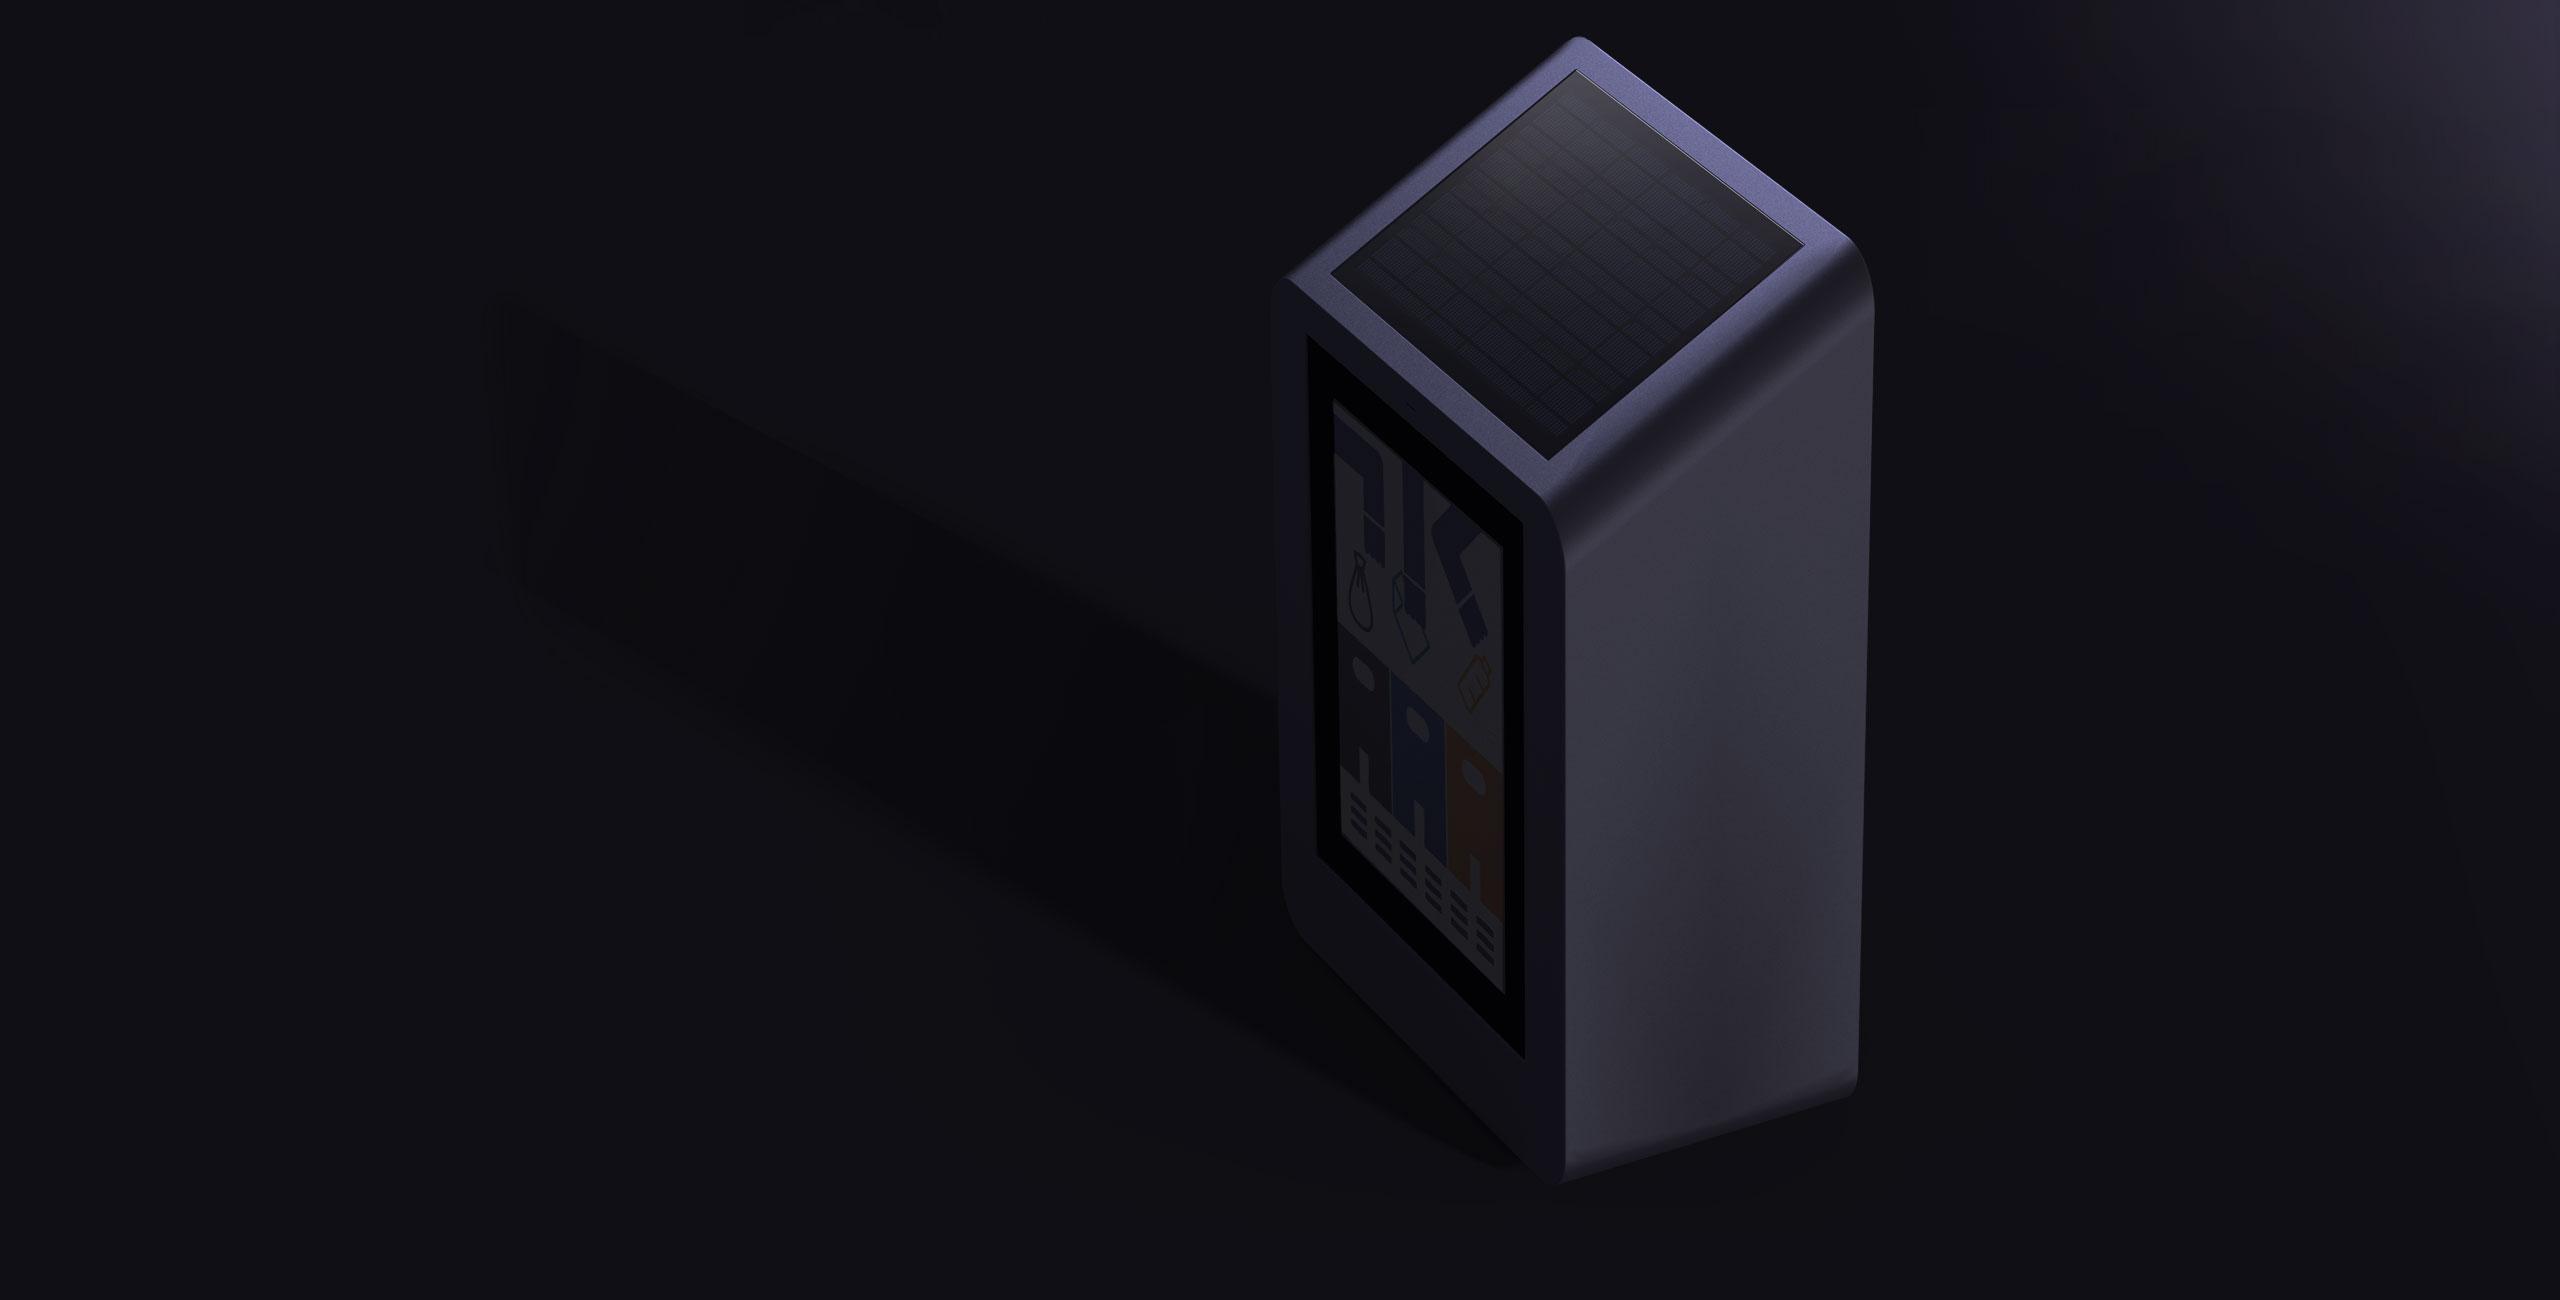 noma_design_studio_radial02